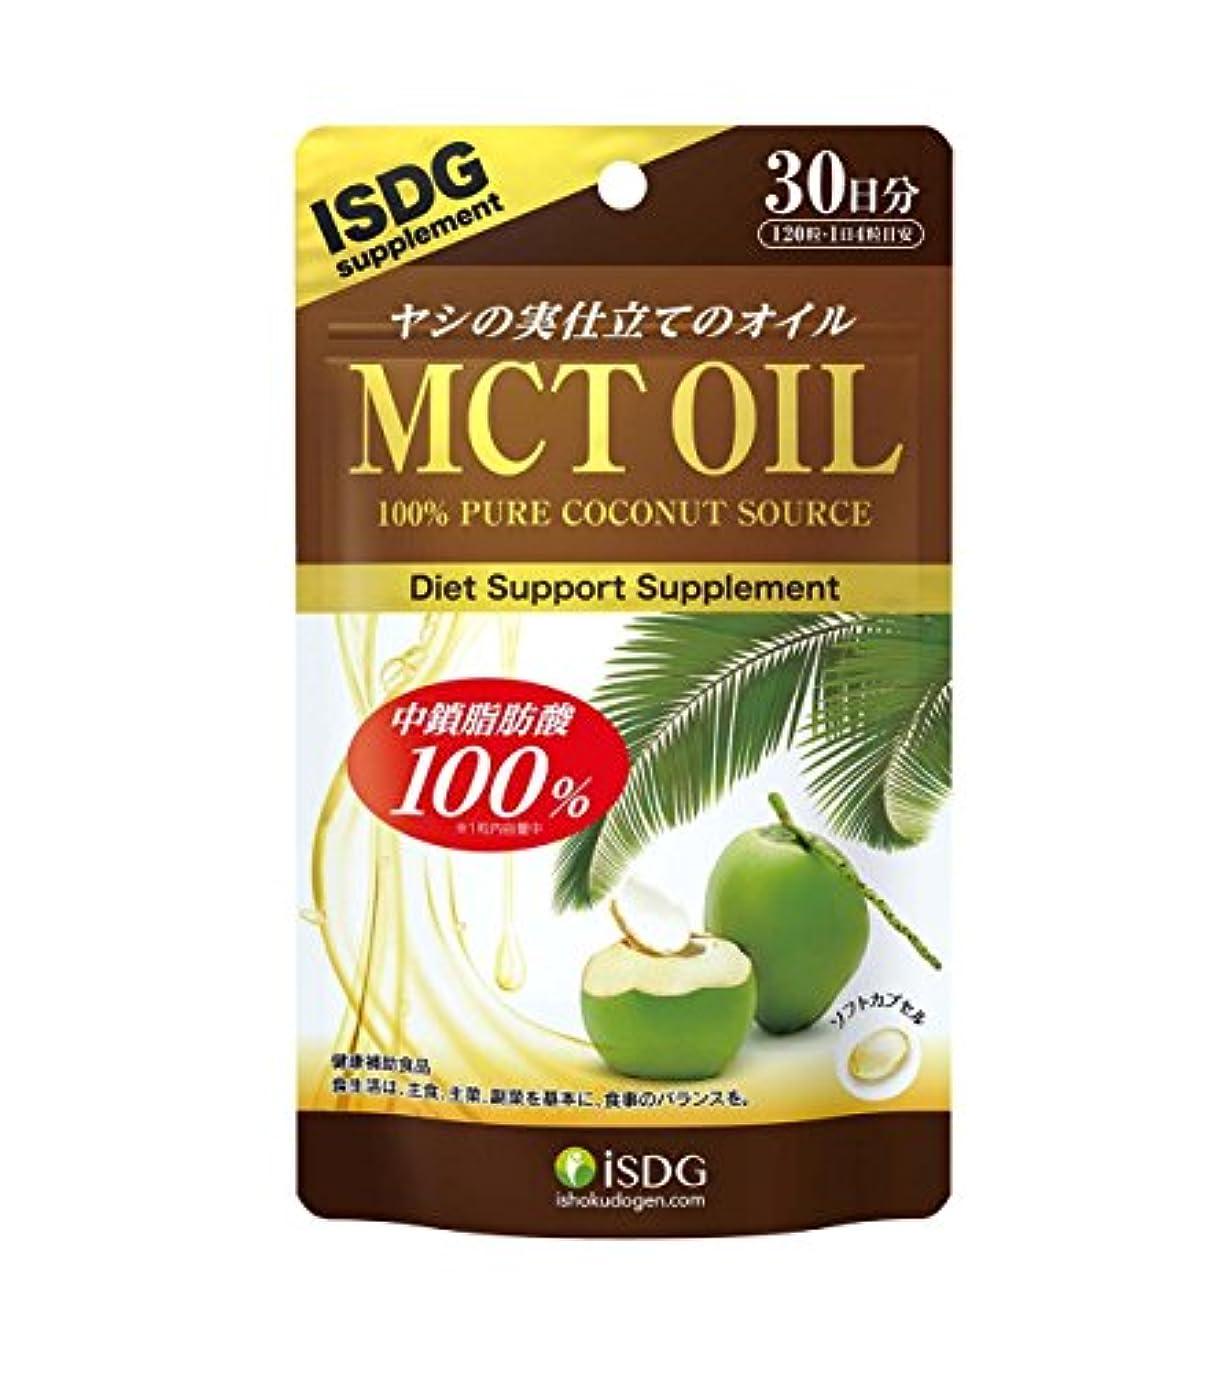 盲目樹皮休日にISDG MCTオイル粒 120粒/1日4粒目安 ヤシの実仕立てのオイル